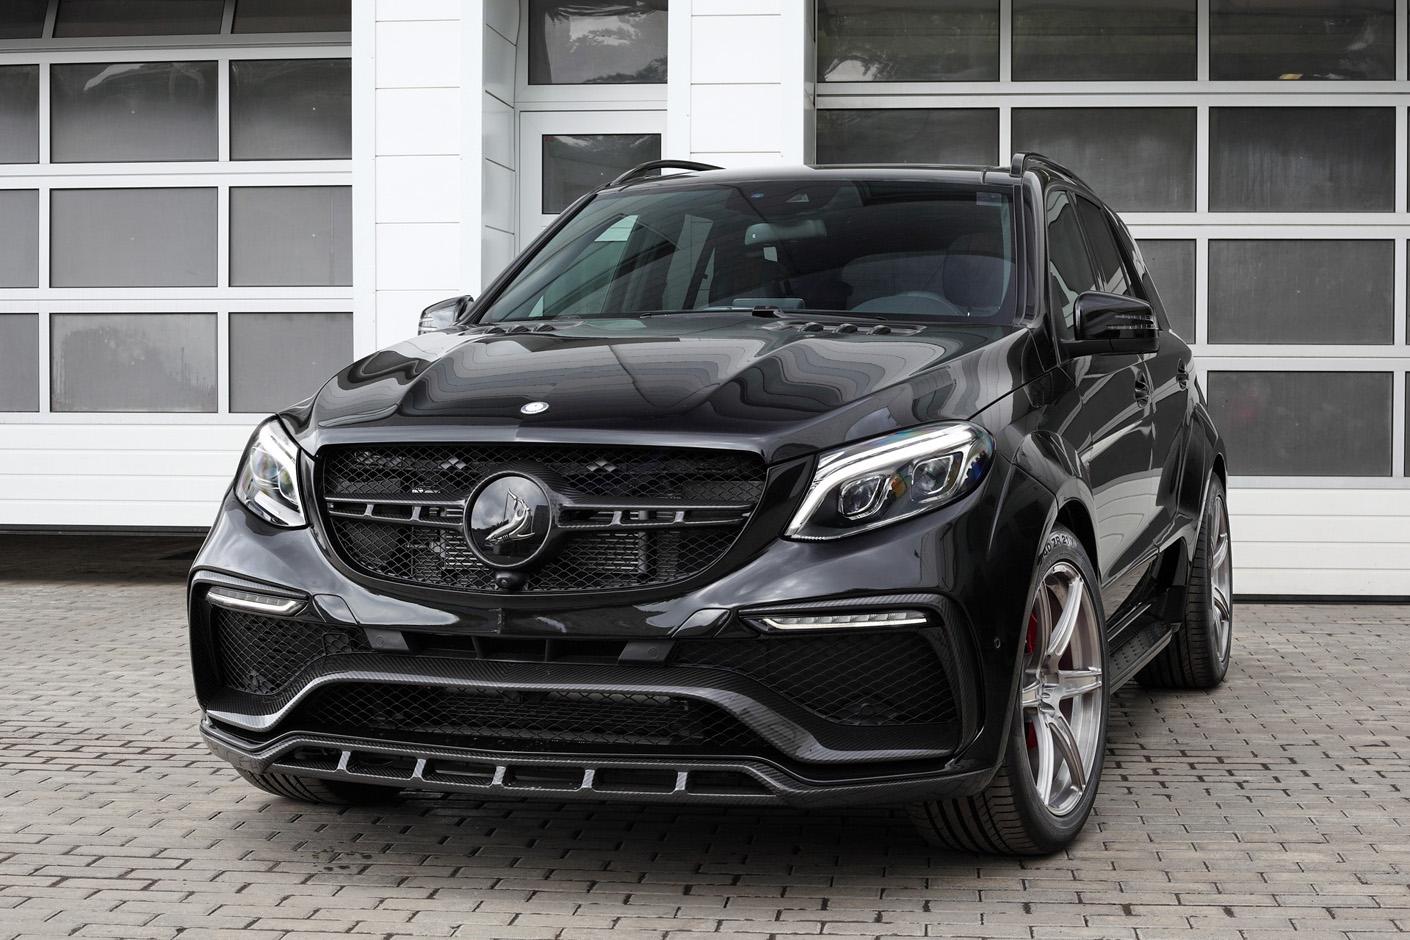 Mercedes-Benz GLE Wagon INFERNO Top Car - Black Fox Motors